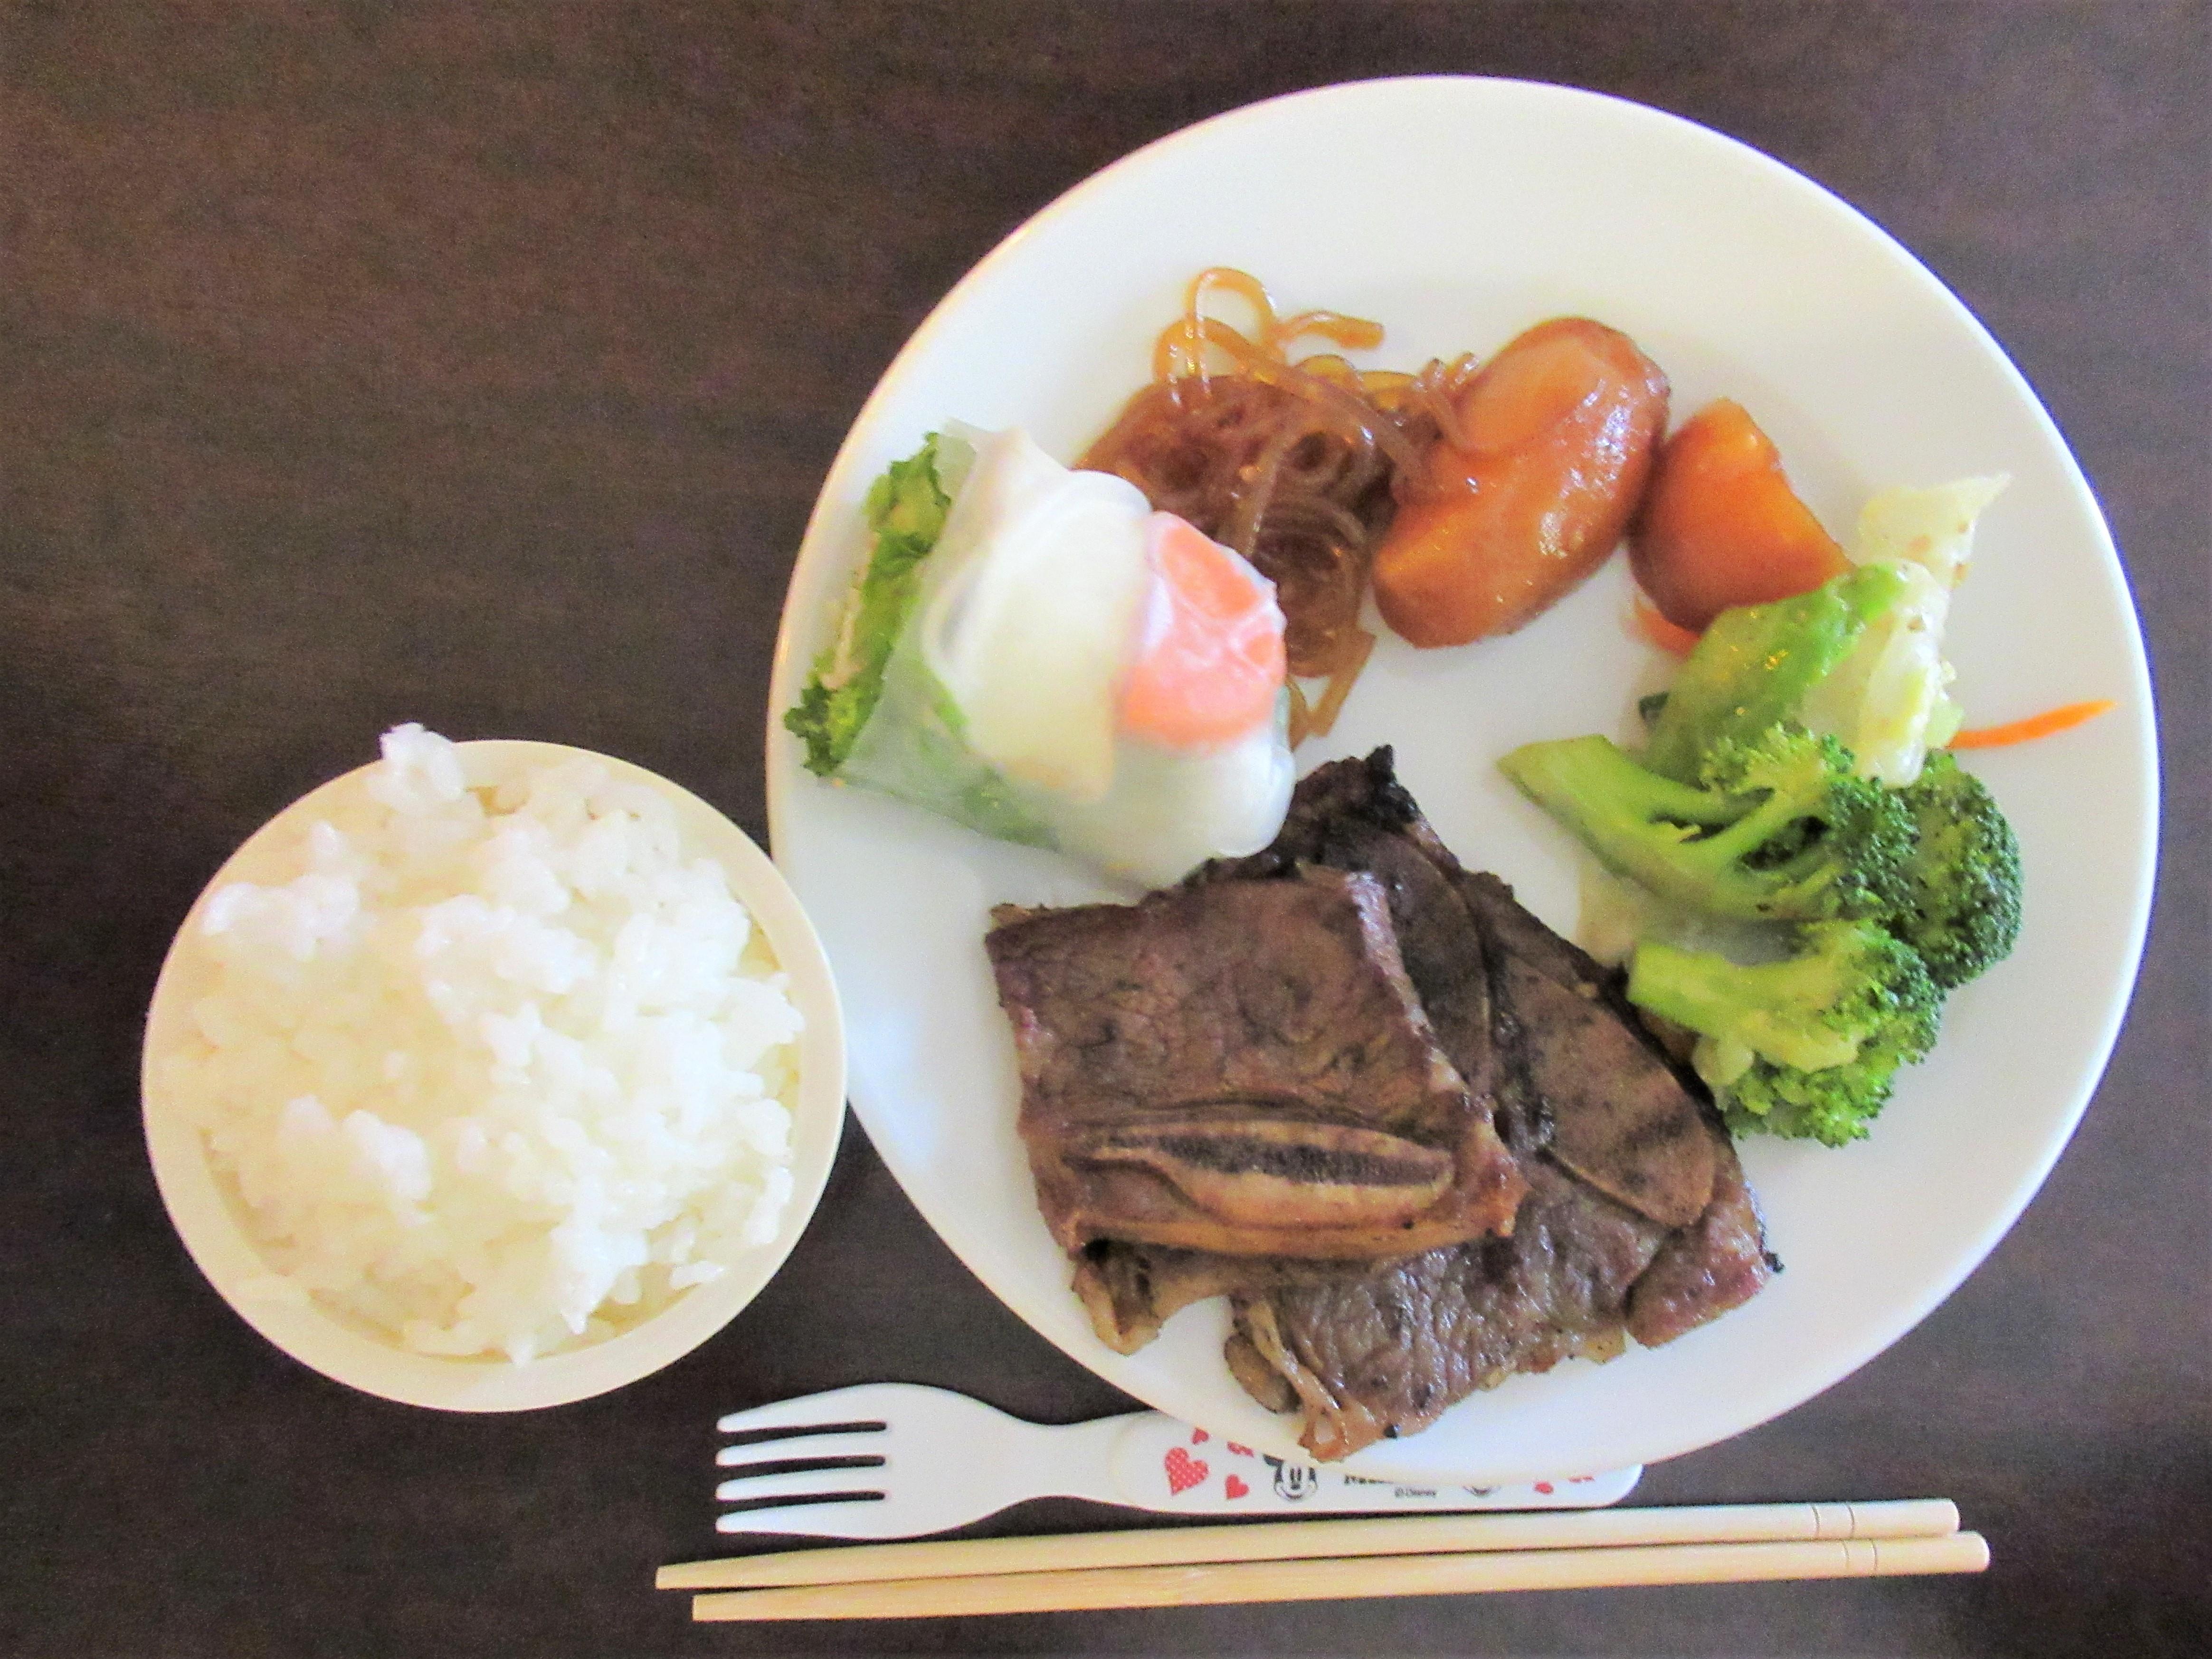 ハワイのコンドミニアム☆7日分の食事メニューと金額|子連れハワイブログ旅